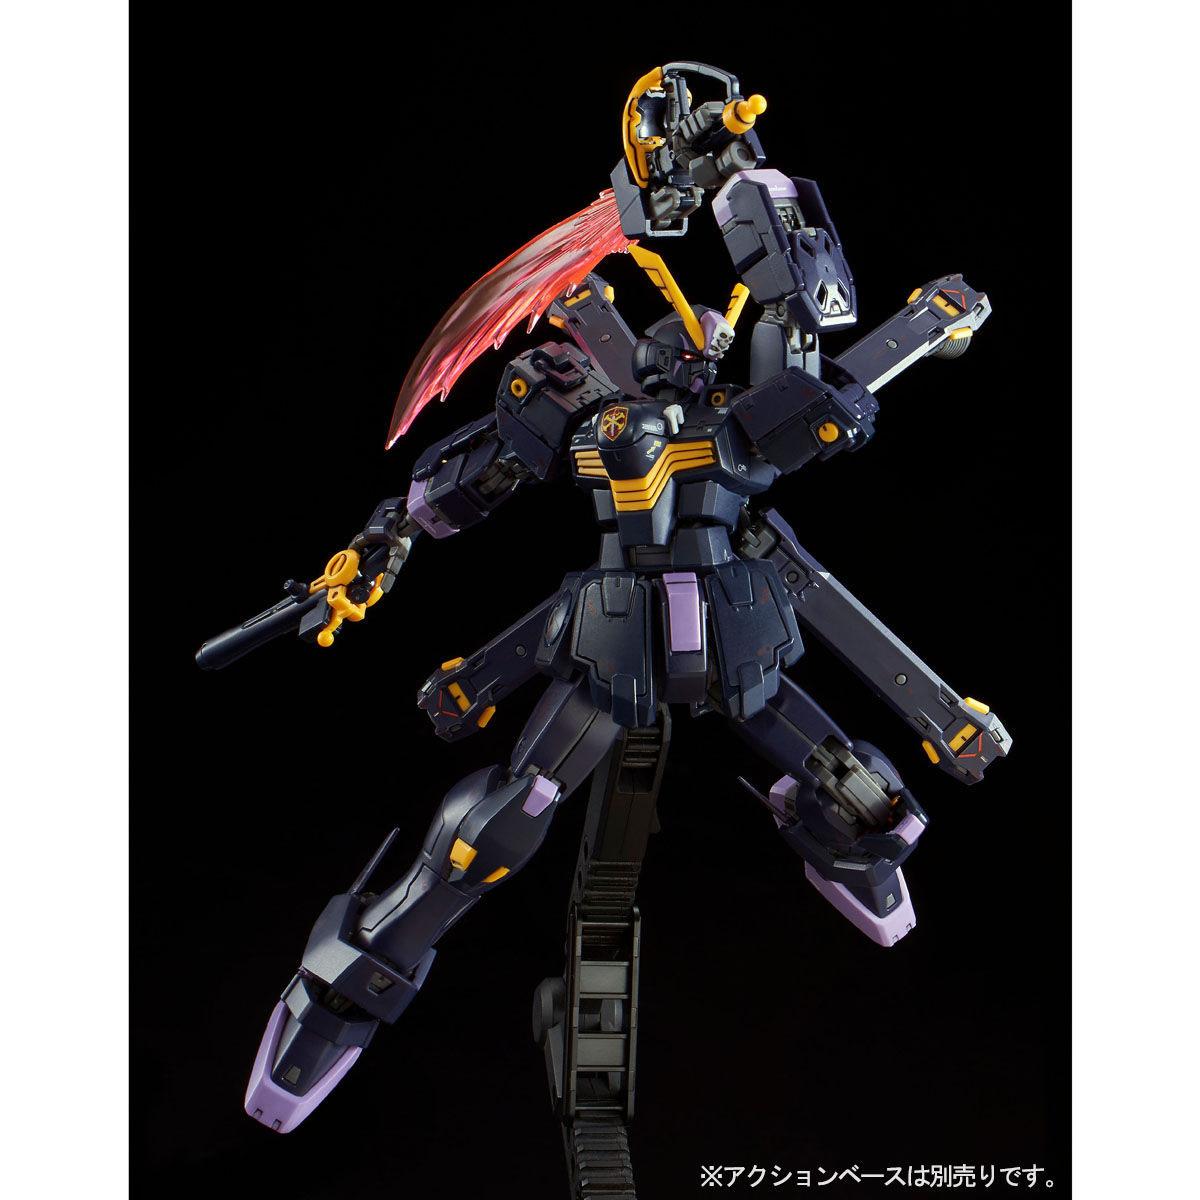 【限定販売】RG 1/144『クロスボーン・ガンダムX2』プラモデル-006